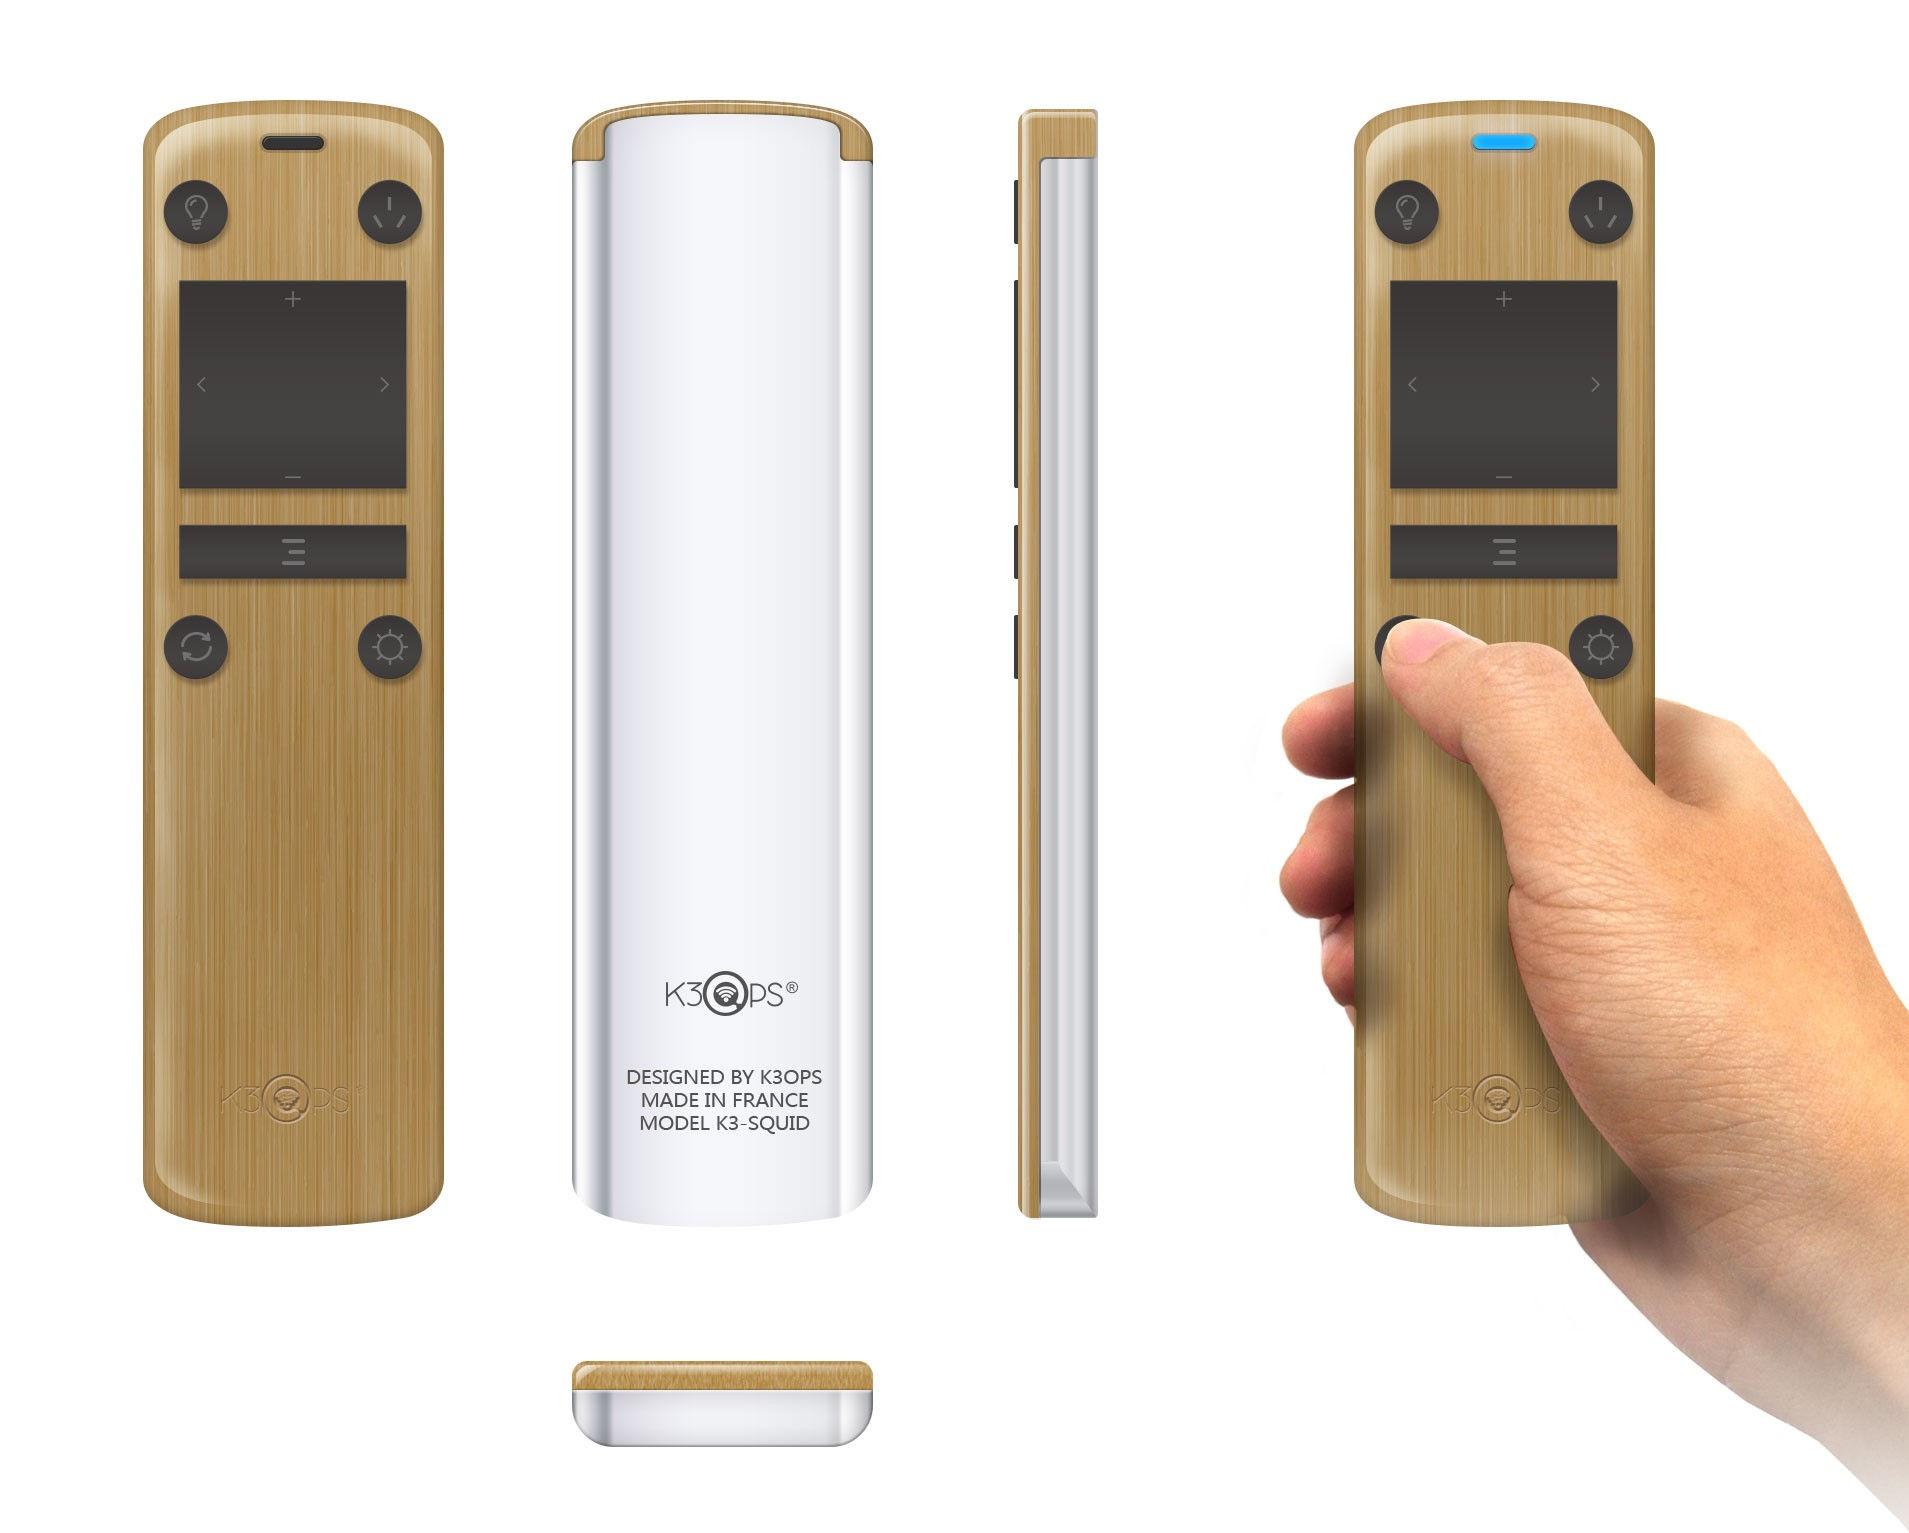 K3OPs telecommande